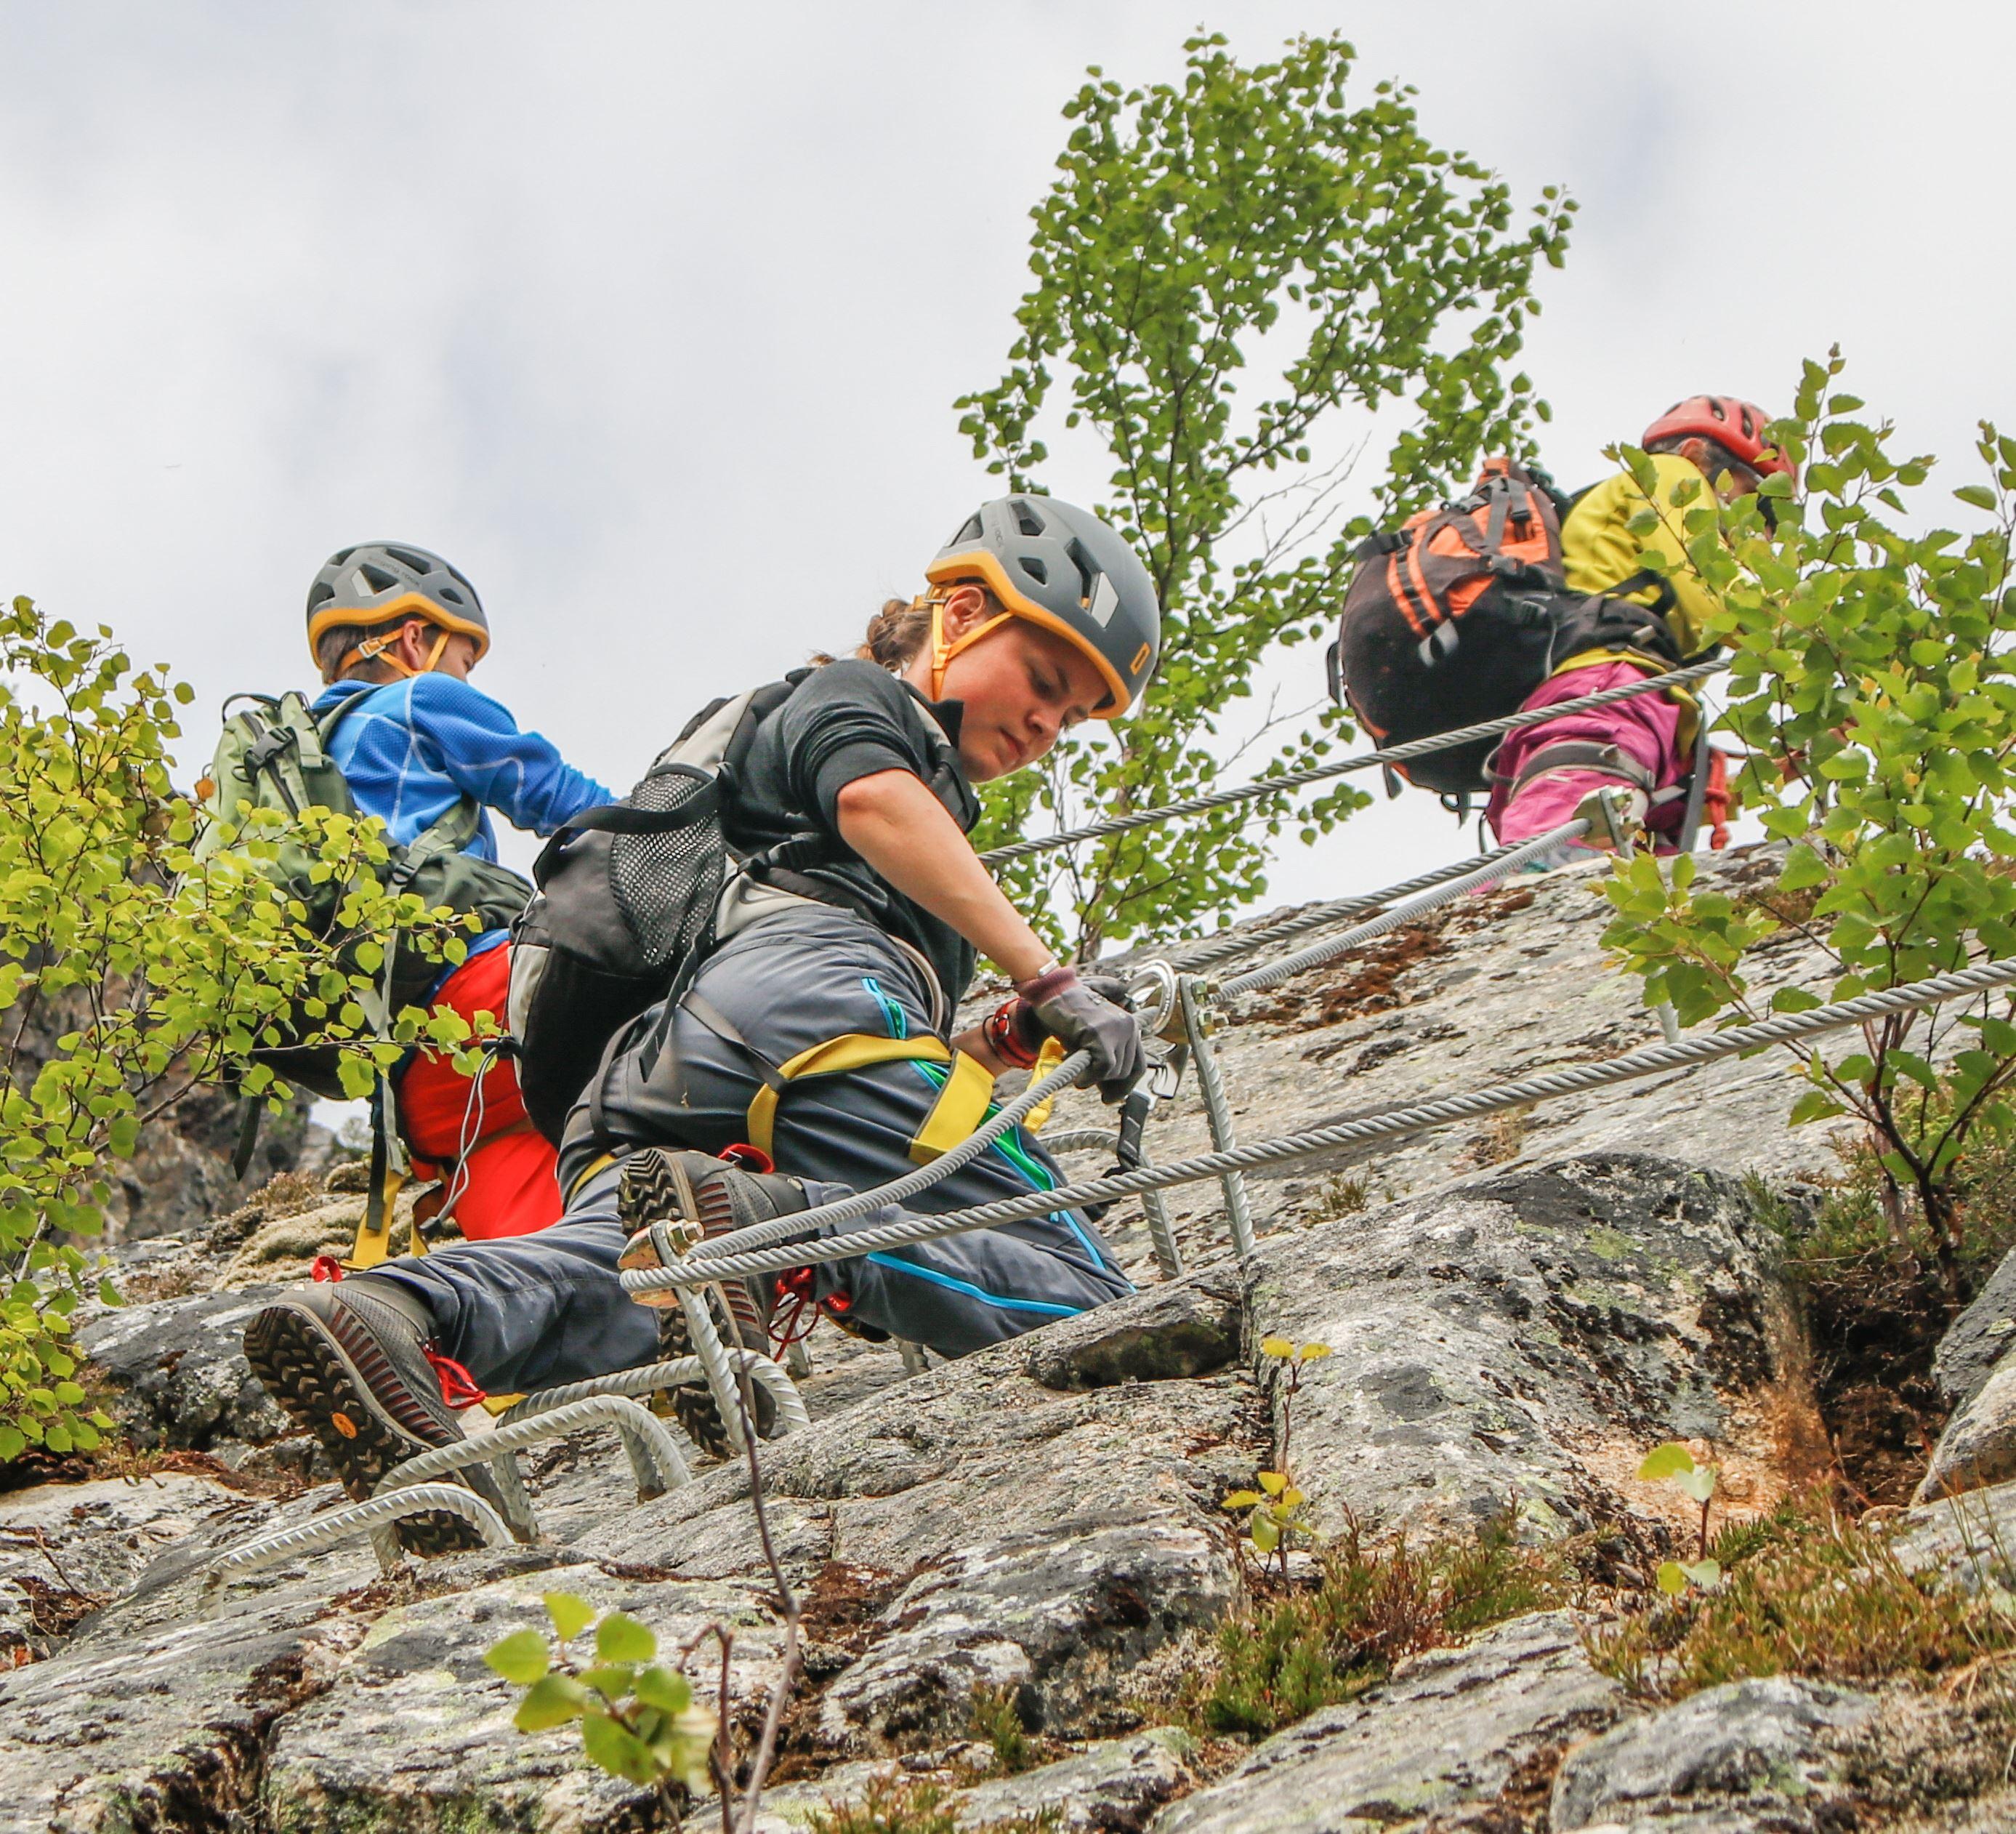 Cato Ravassbakk,  © Helgeland Reiseliv as, På tur i Via ferrataen